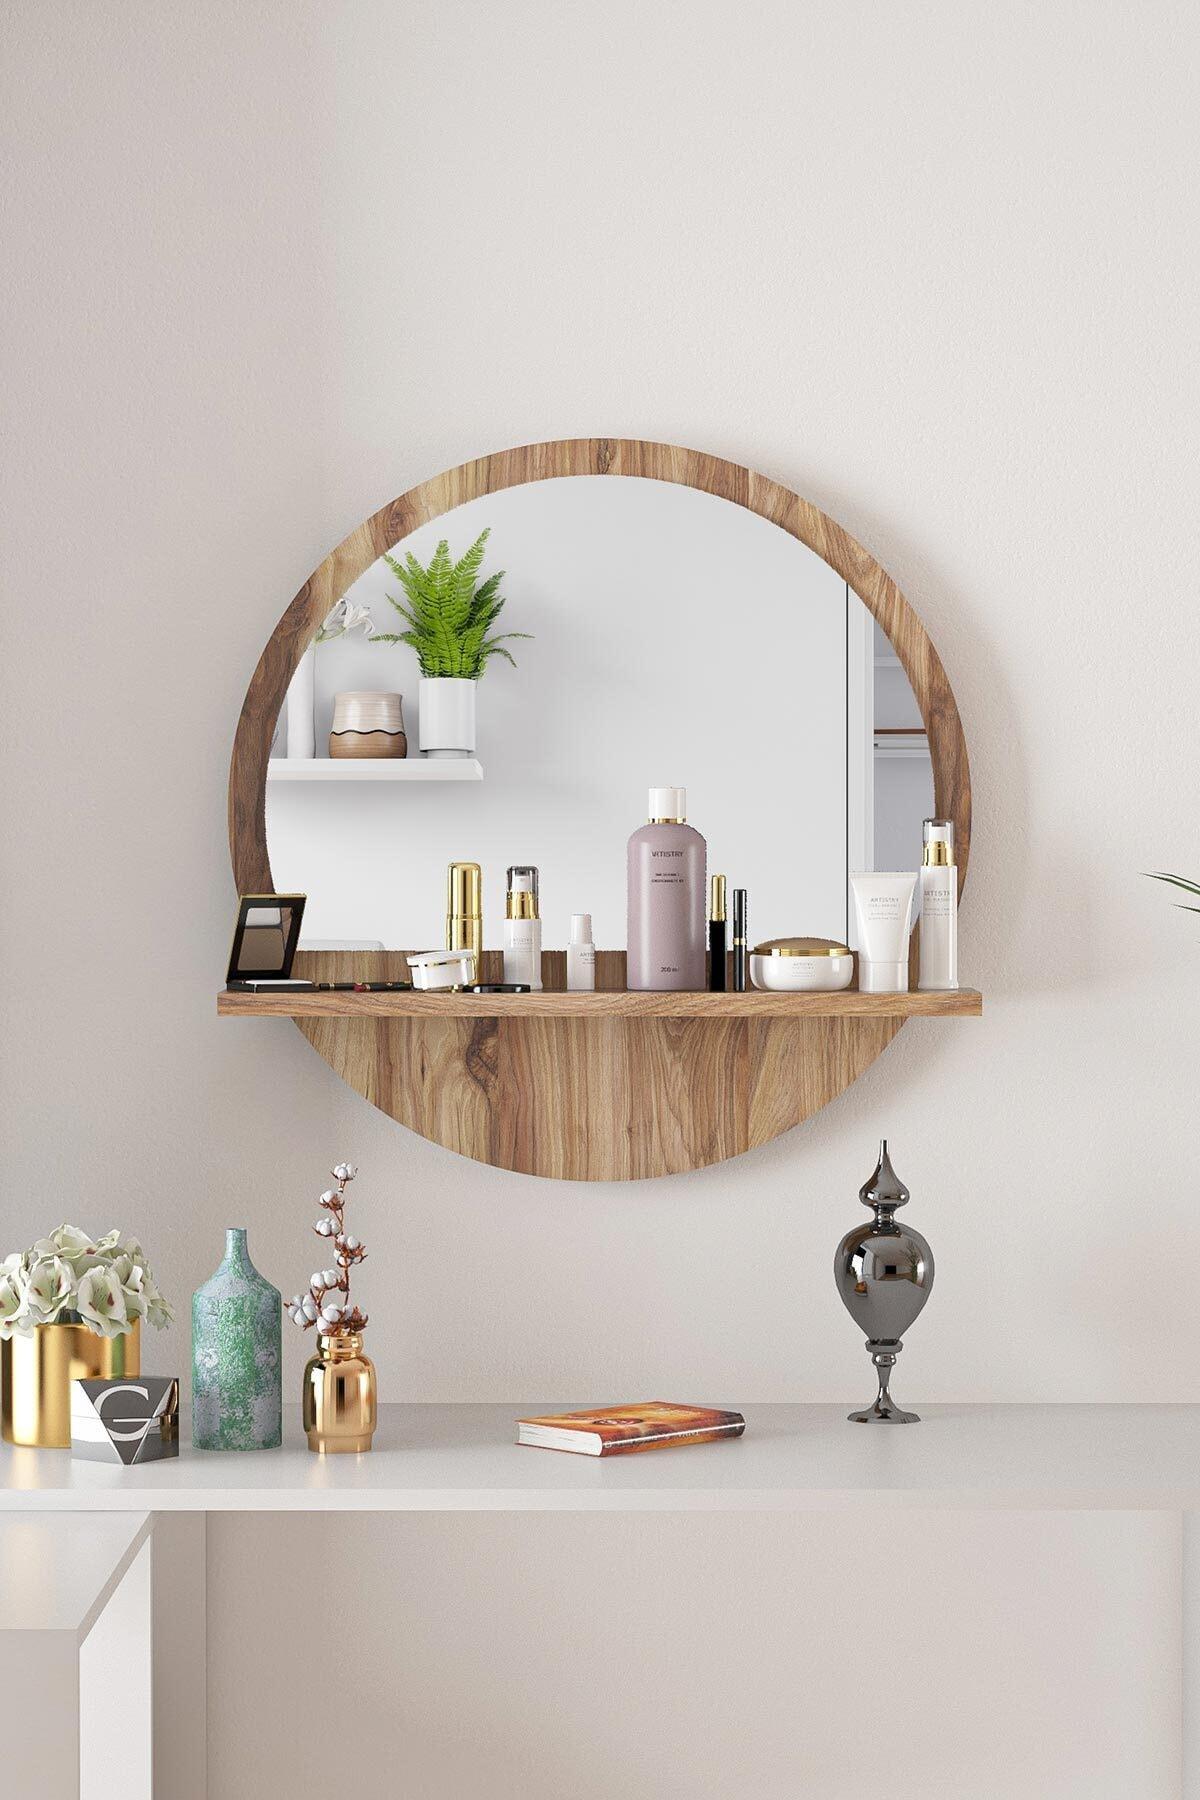 Yuvarlak Ceviz Raflı 45cm Ayna Koridor Dresuar Konsol Duvar Salon Mutfak Banyo Ofis Çocuk Yatak Oda